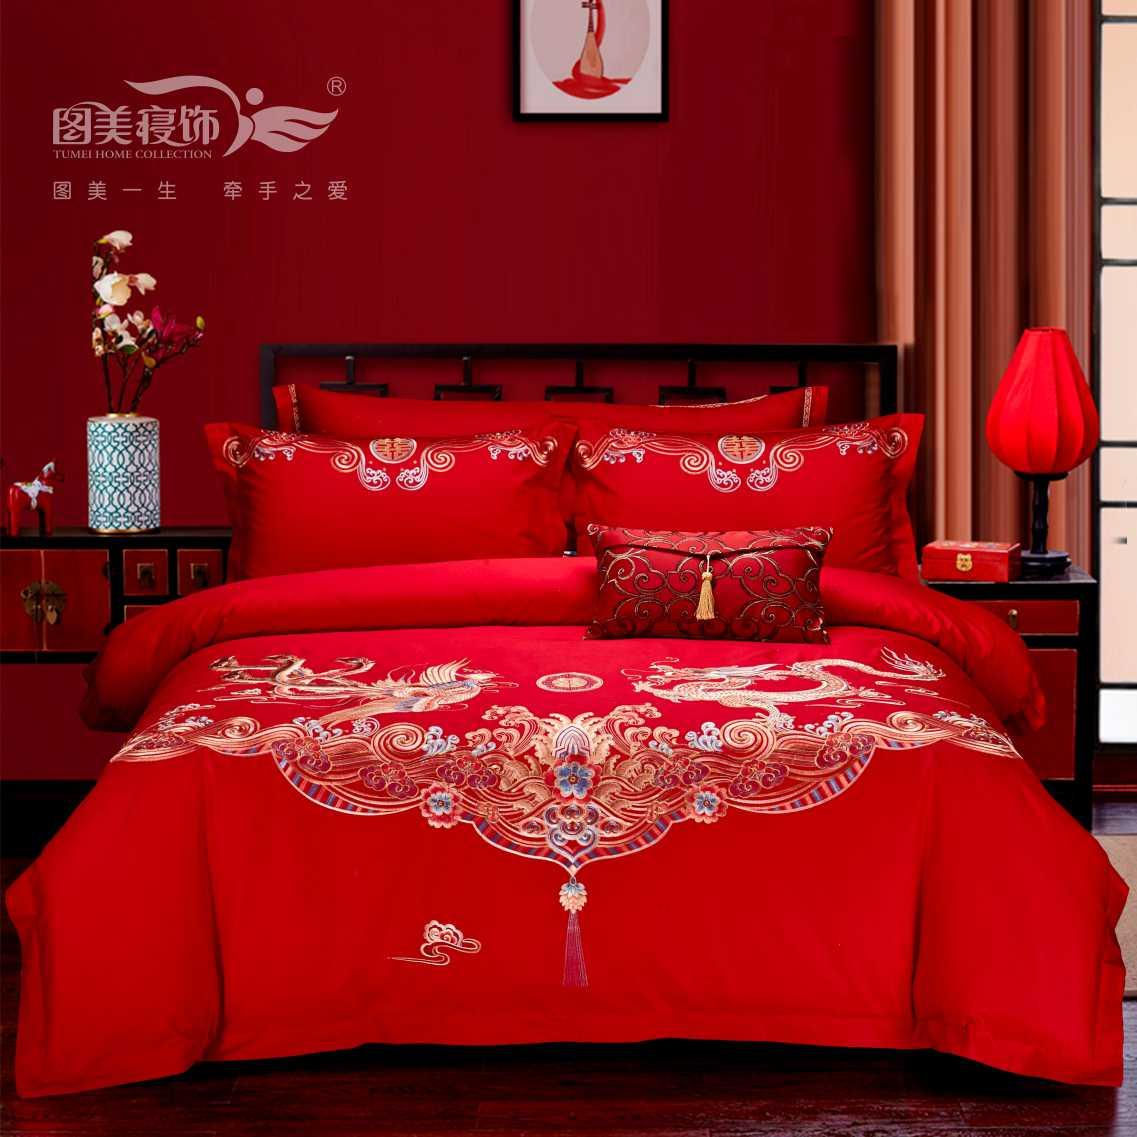 全棉素繡床蓋五件套-龍鳳祥和